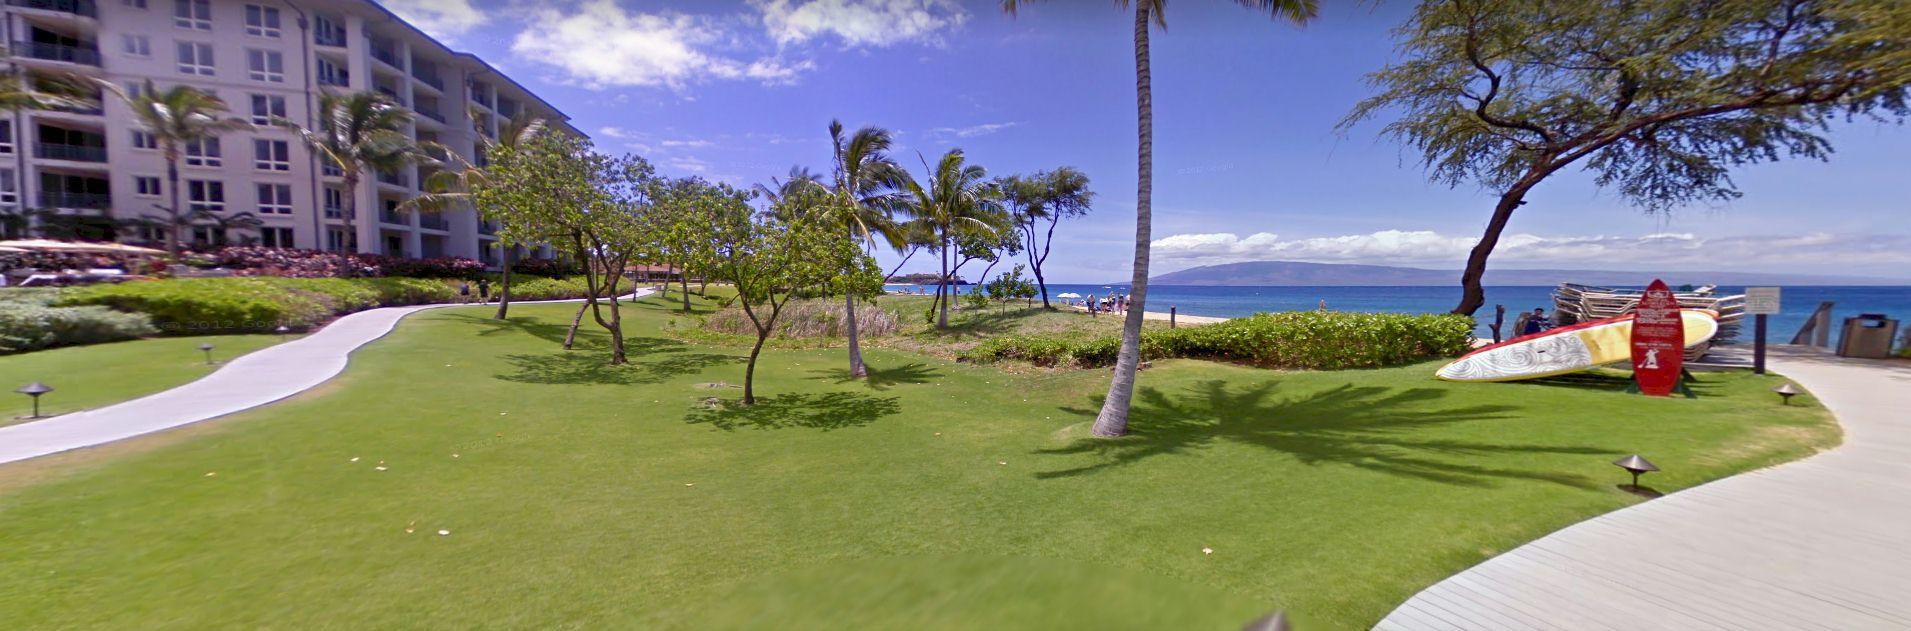 Bedroom Rentals At Maui Kaanapali Villas